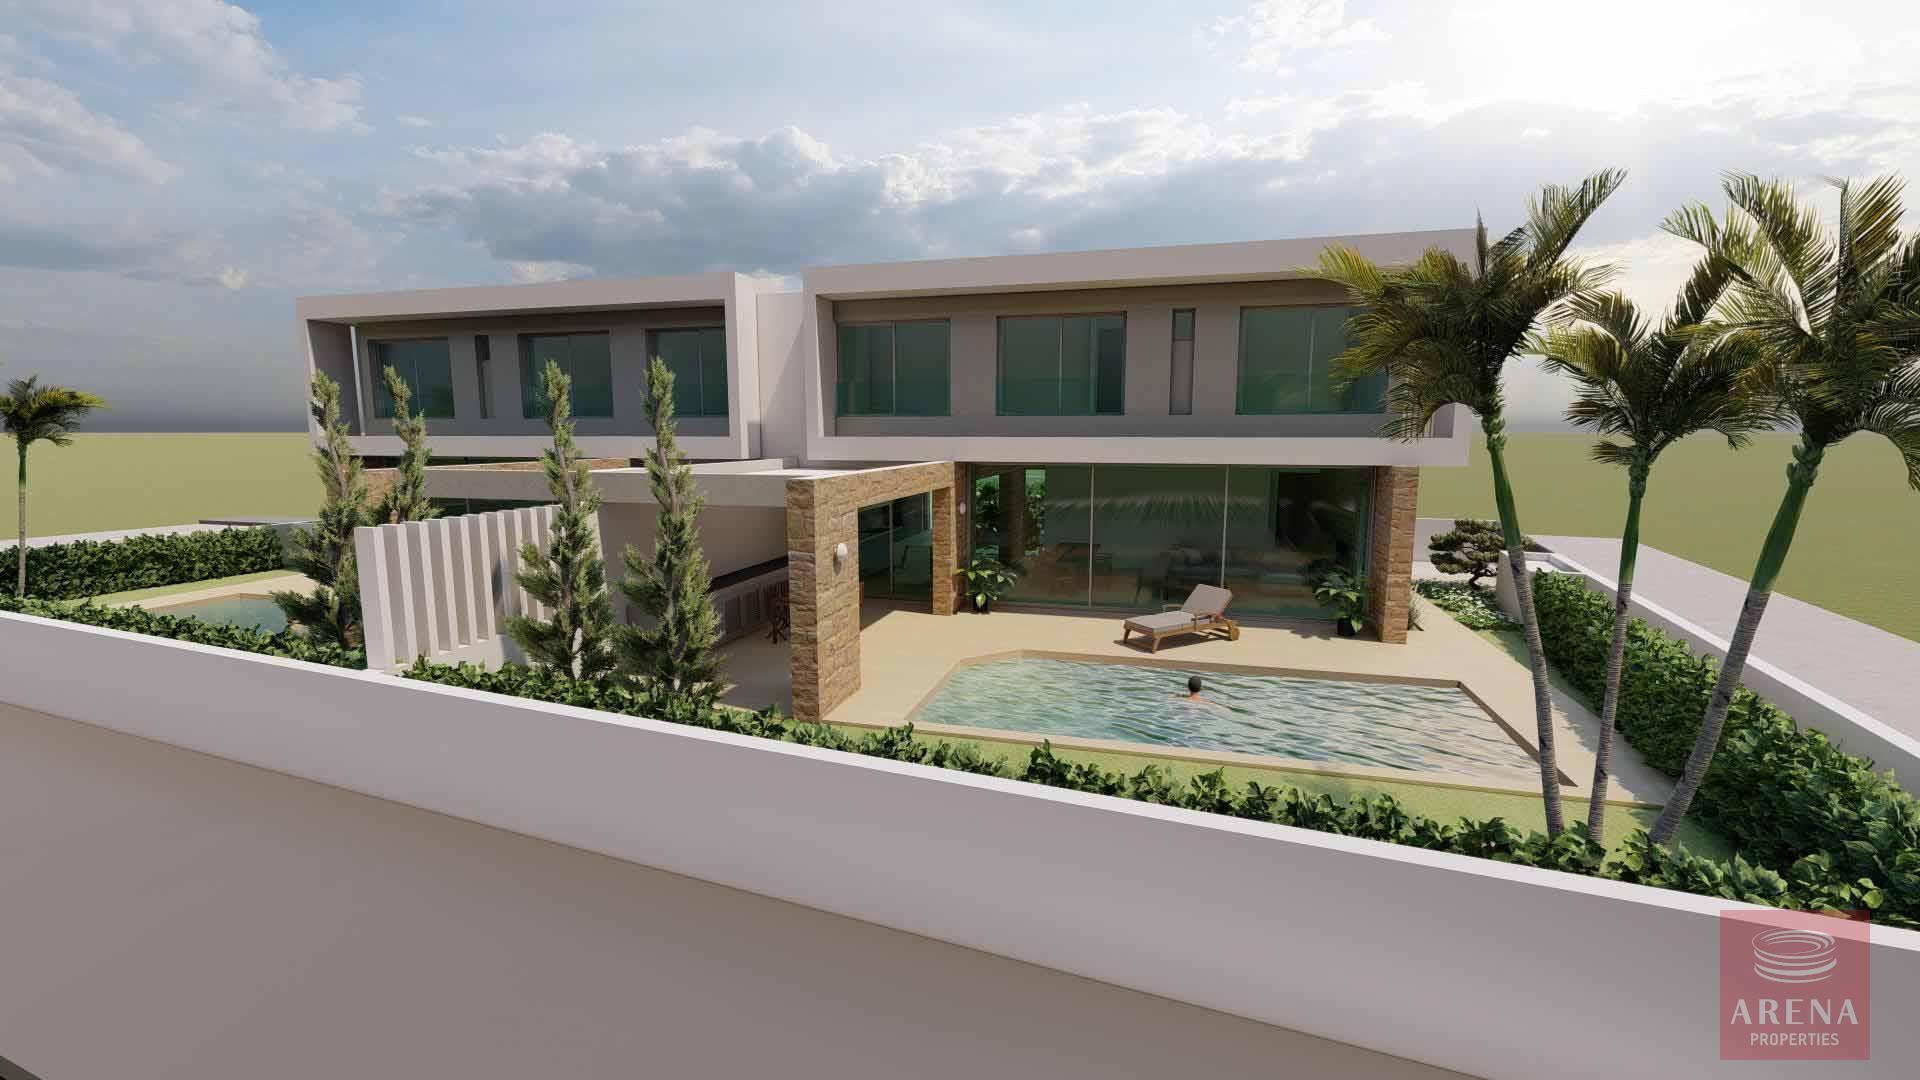 3 bed villa in oroklini new